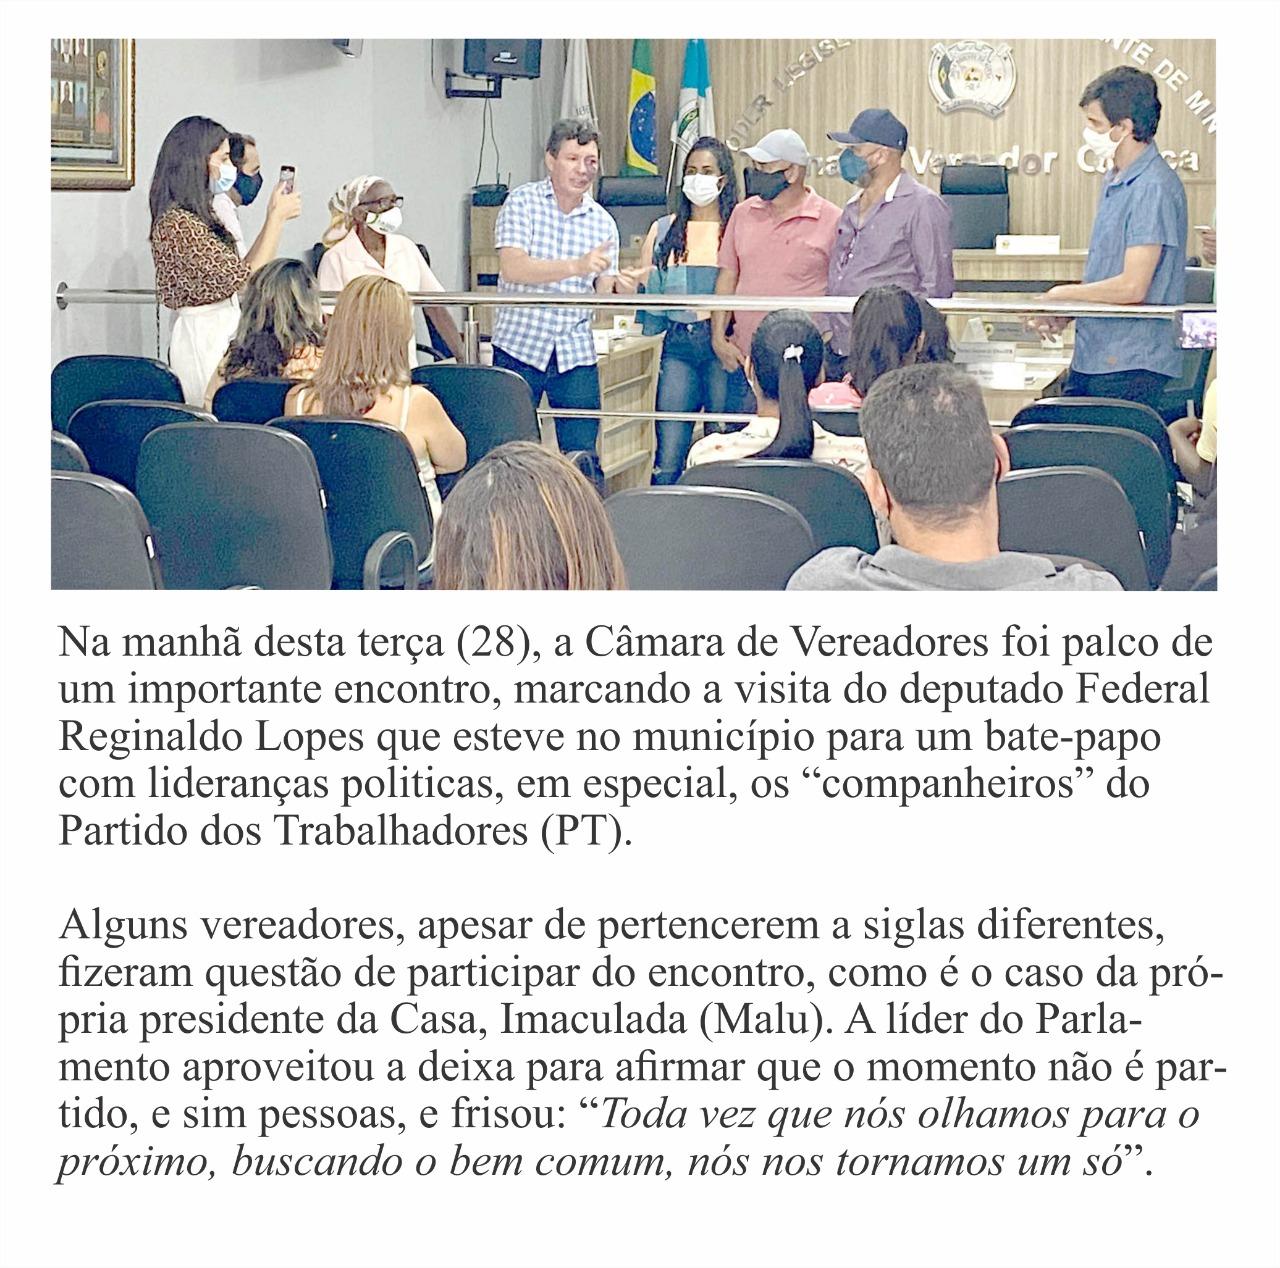 BATE PAPO COM LIDERANÇAS POLÍTICAS